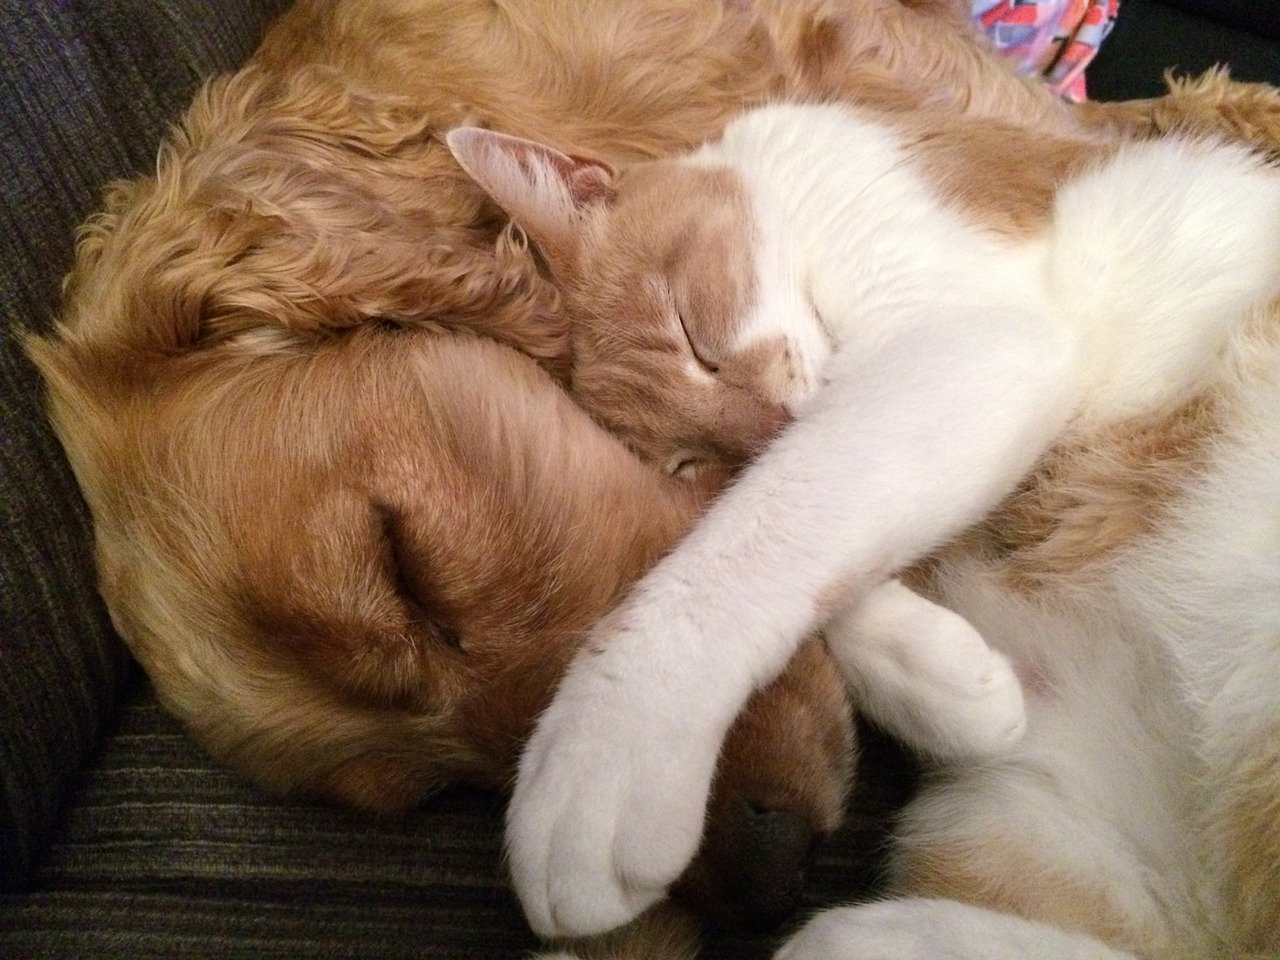 Cão e gato dormindo juntos